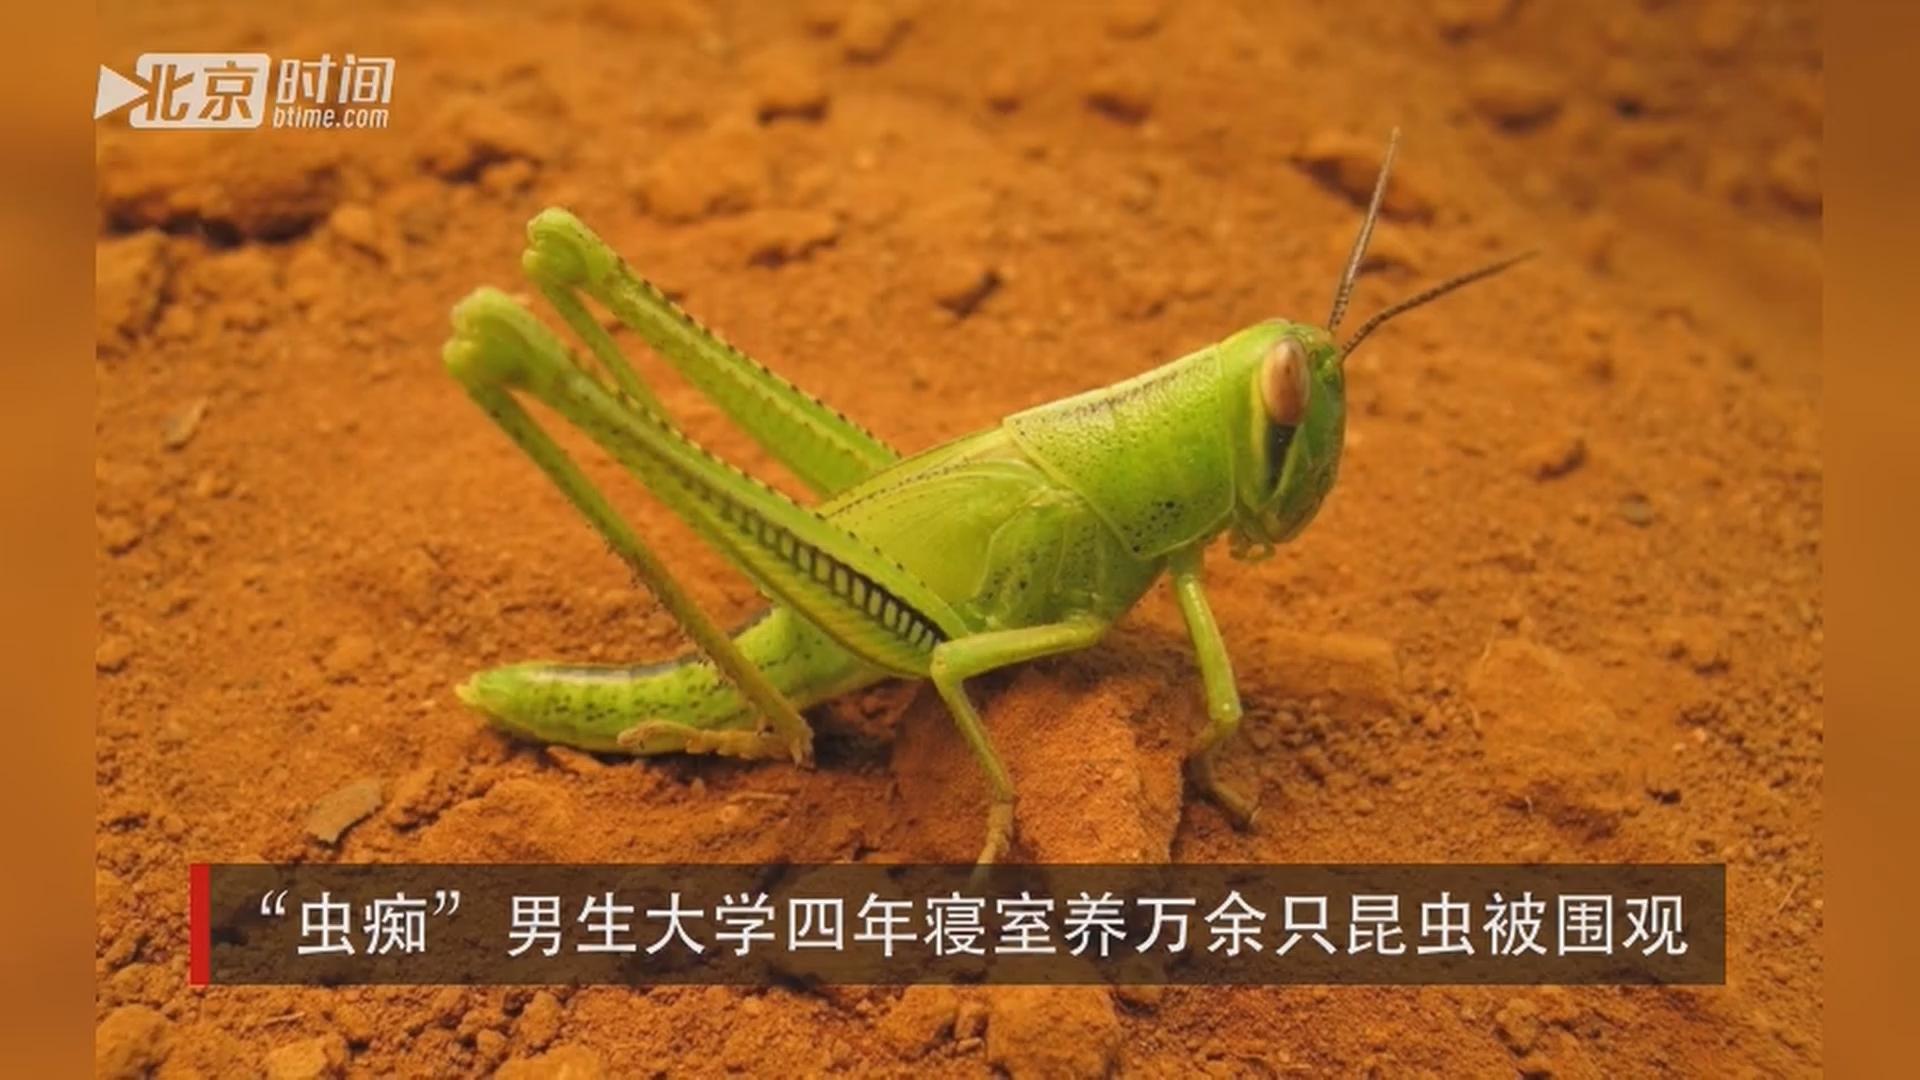 伤心不已的赵宇晨就利用自己的专业所长,将它们制作成了动物标本.